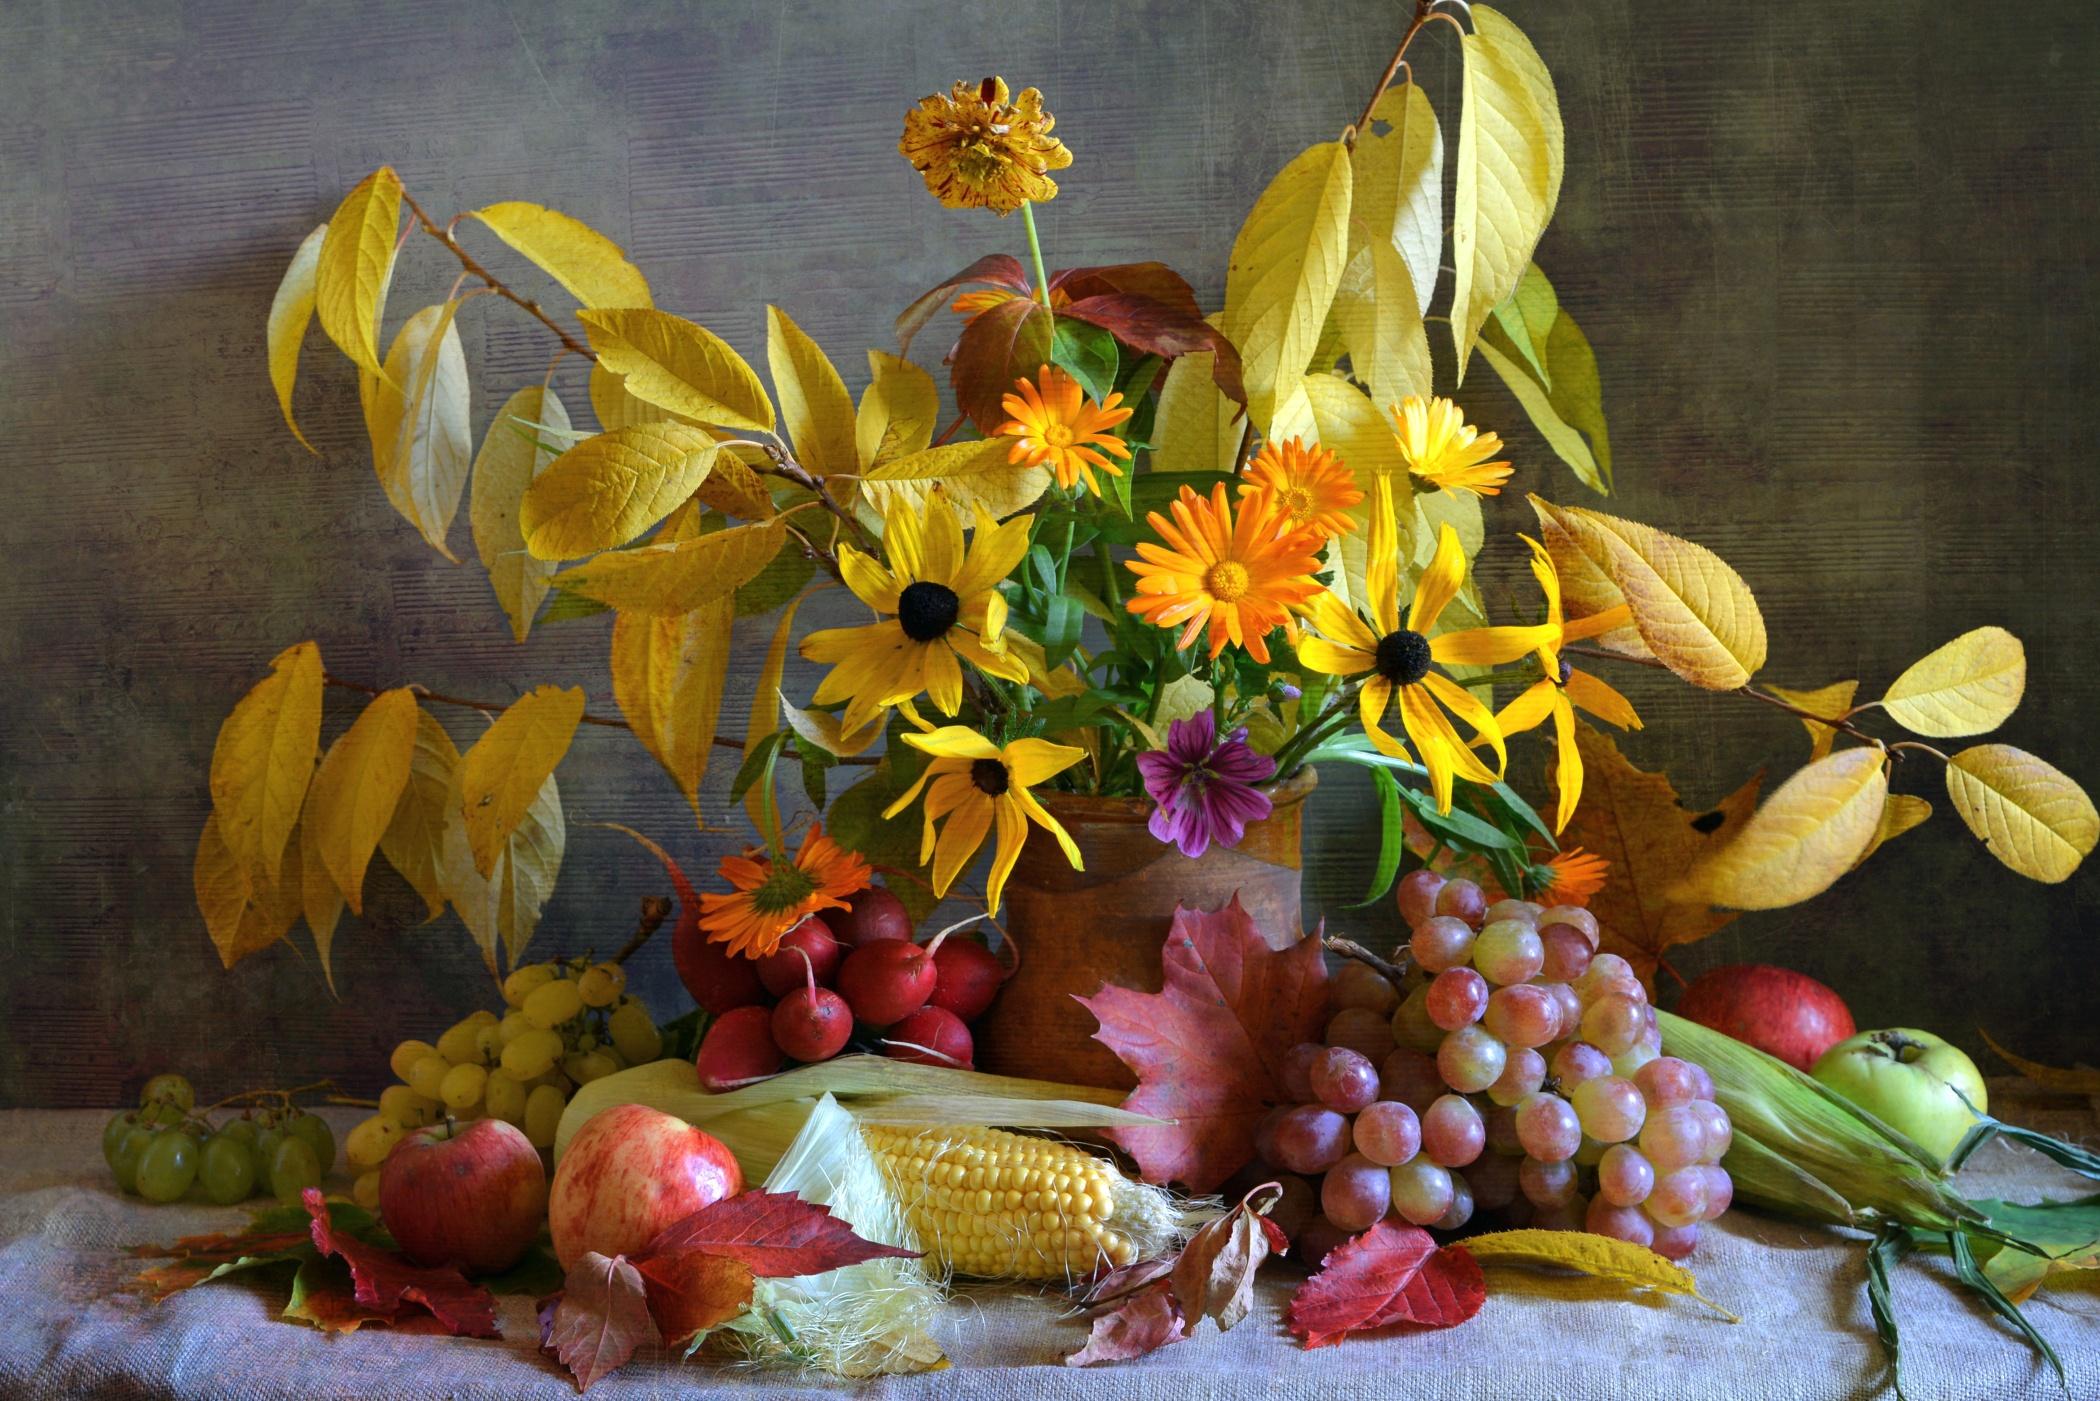 Обои на рабочий стол композиции из цветов и фруктов реках вырезуб